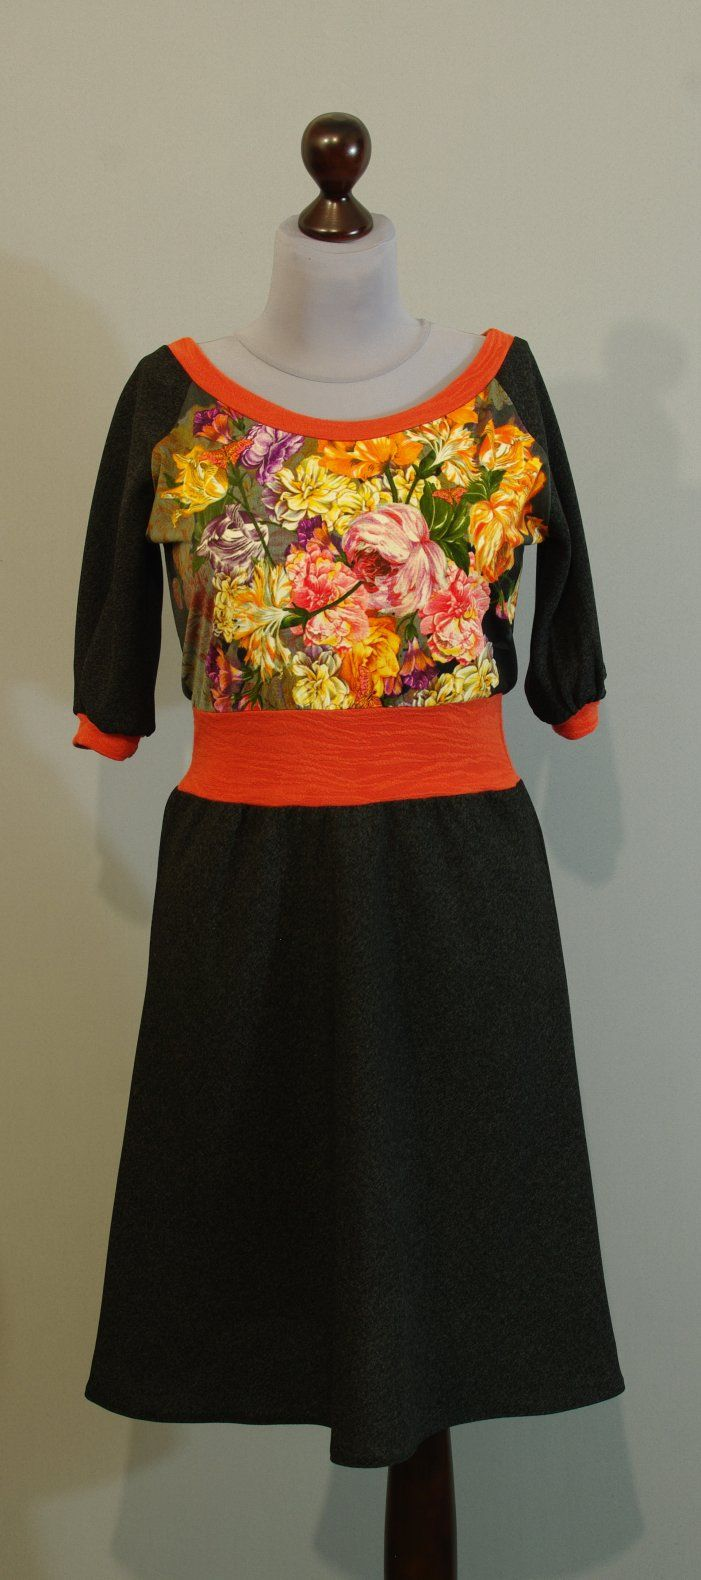 Темно-серое платье с оранжевыми вставками, Украина сайт Платье-терапия (152)